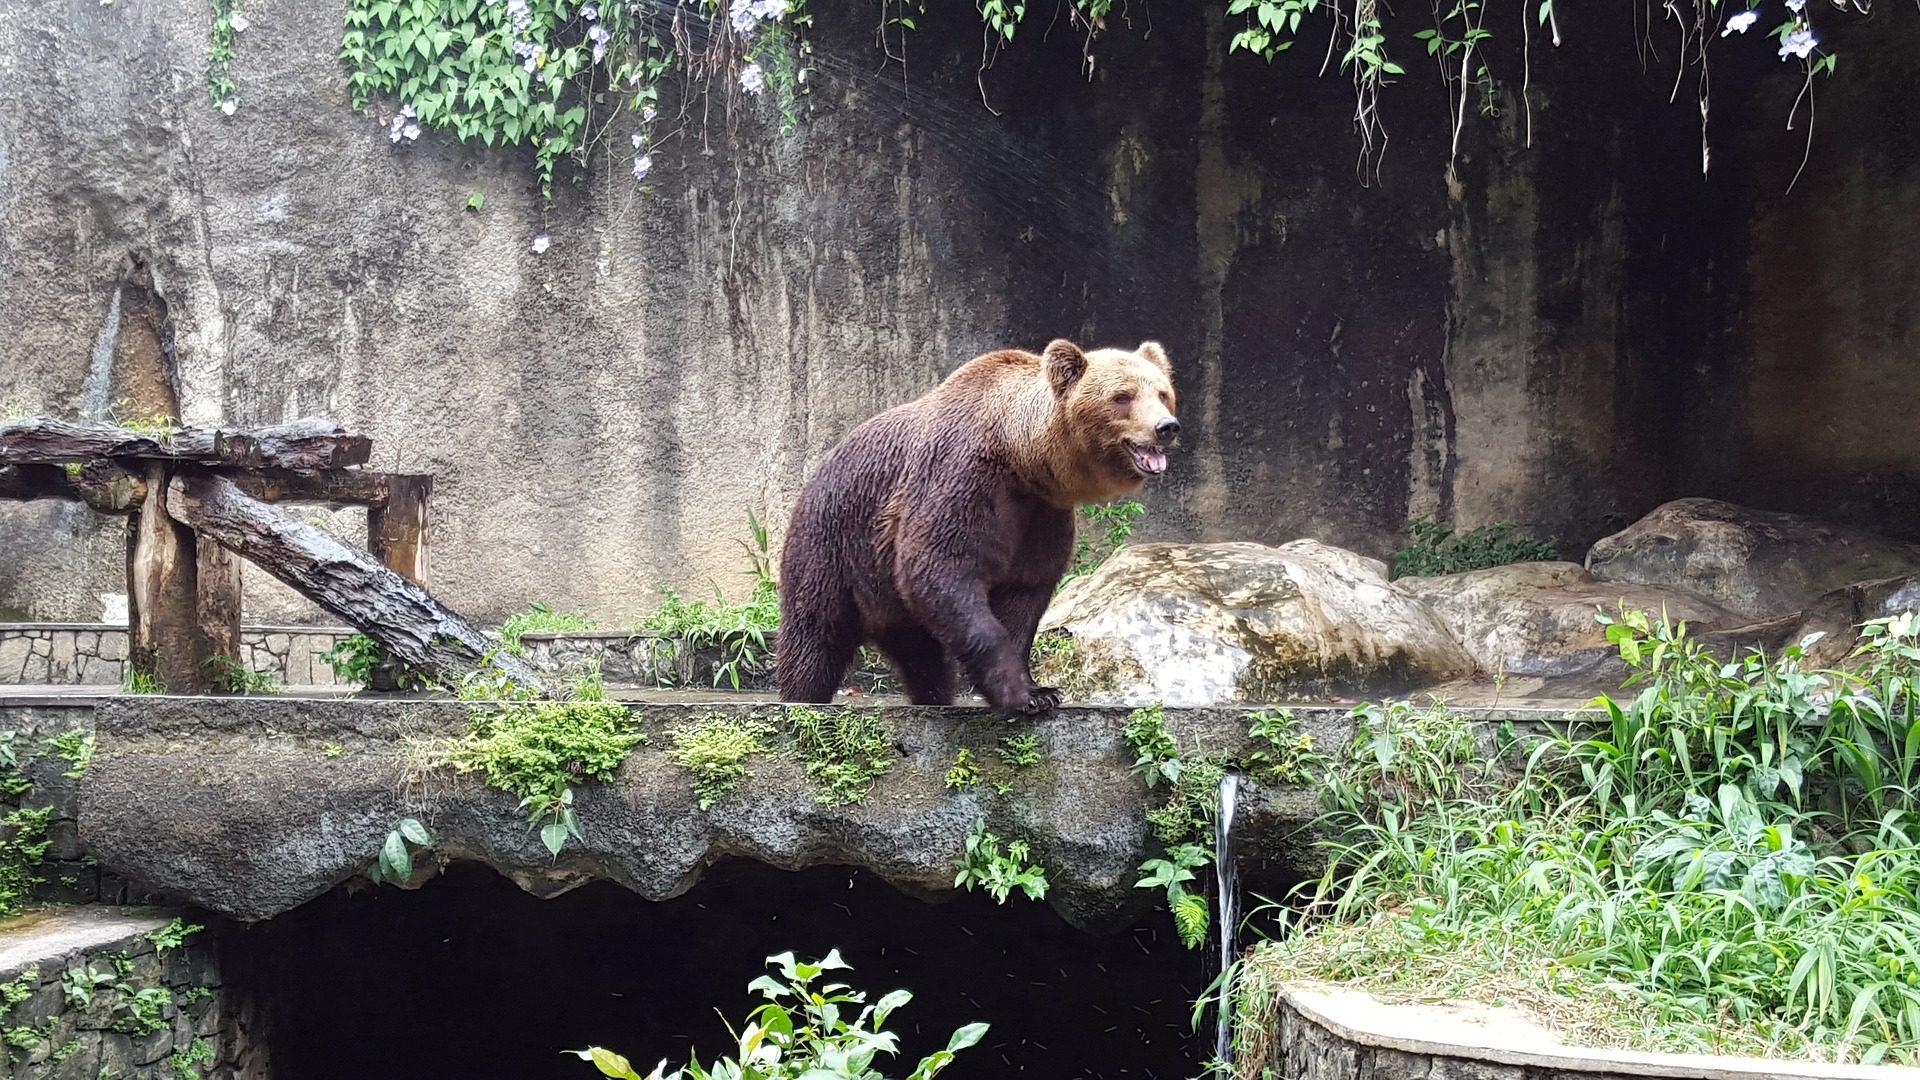 熊, 哺乳动物, 俘虏, 动物园, 洞穴 - 高清壁纸 - 教授-falken.com